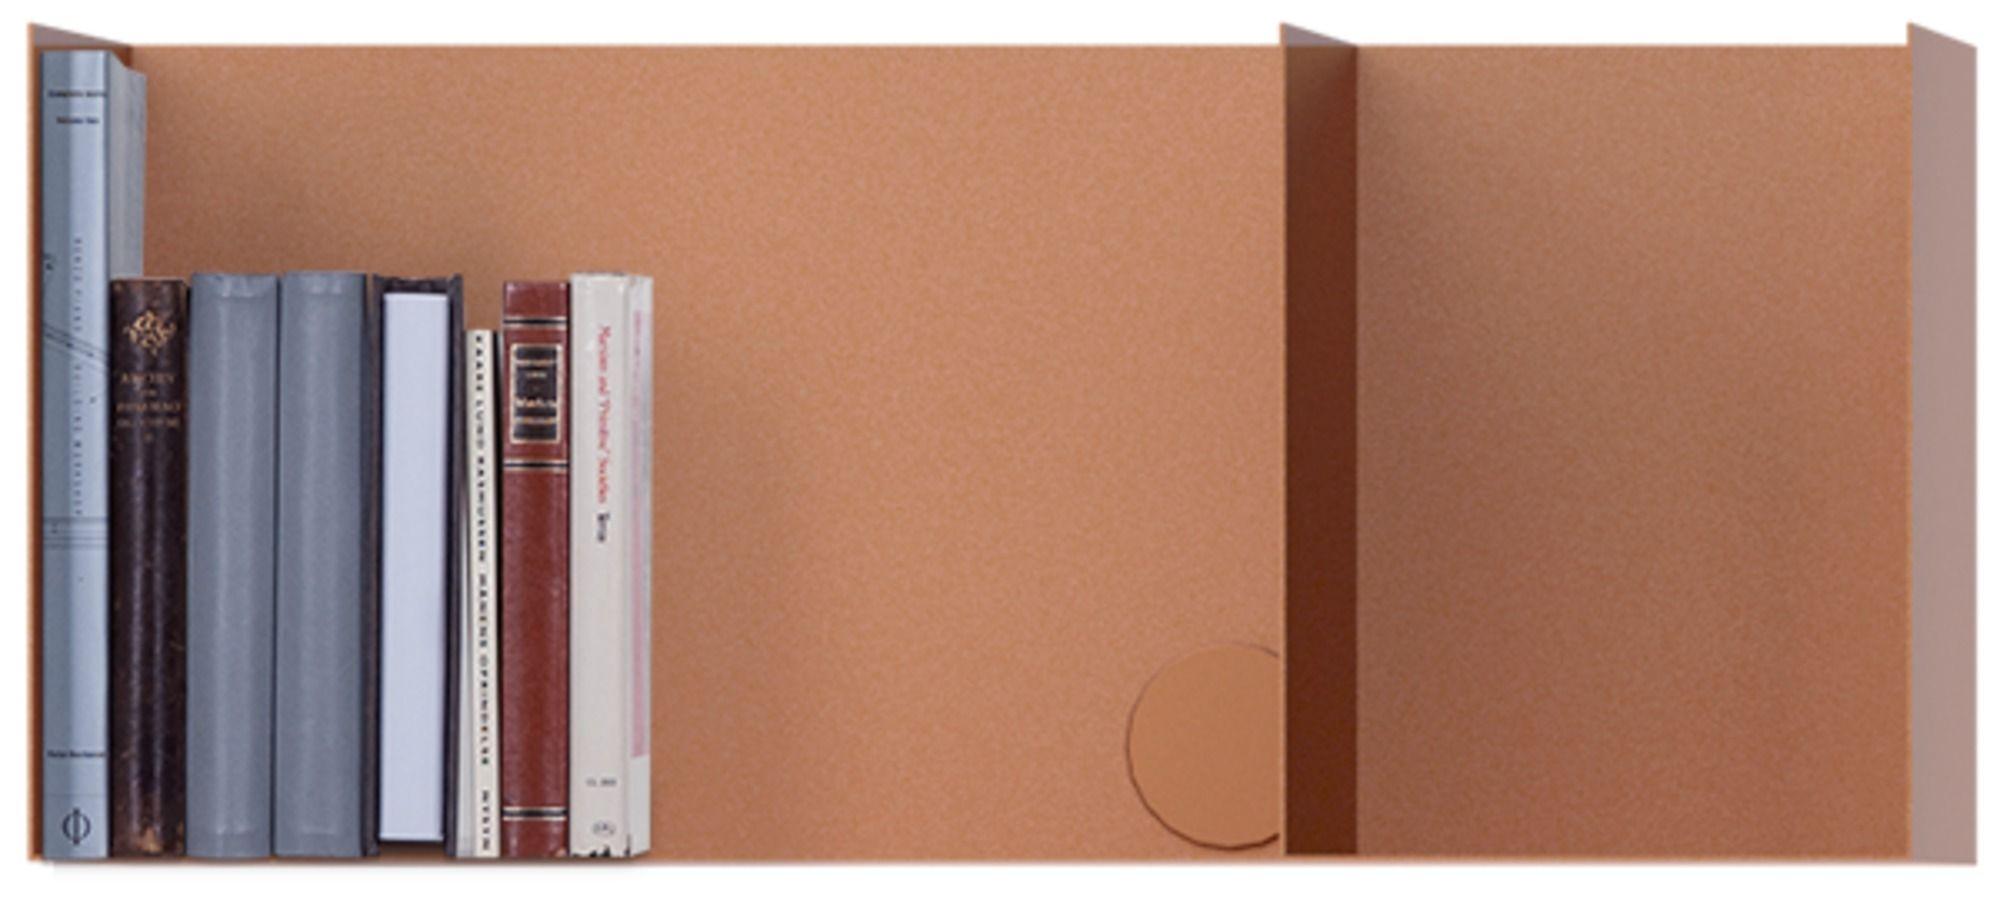 Design Regale Und Bücherschränke como bücherschränke und regale individualisierbare wandsysteme